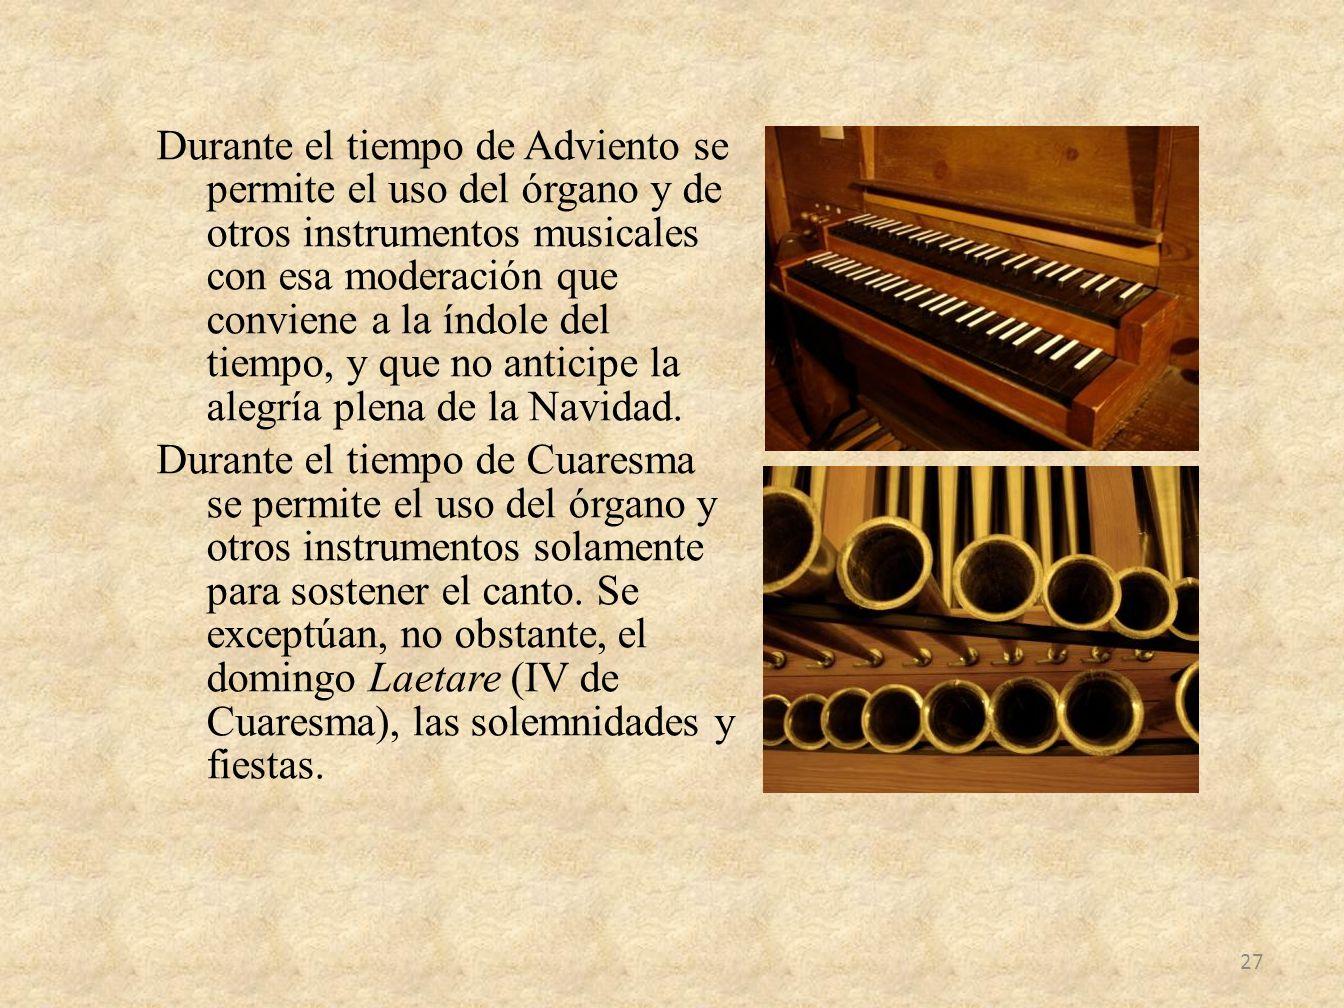 Durante el tiempo de Adviento se permite el uso del órgano y de otros instrumentos musicales con esa moderación que conviene a la índole del tiempo, y que no anticipe la alegría plena de la Navidad.